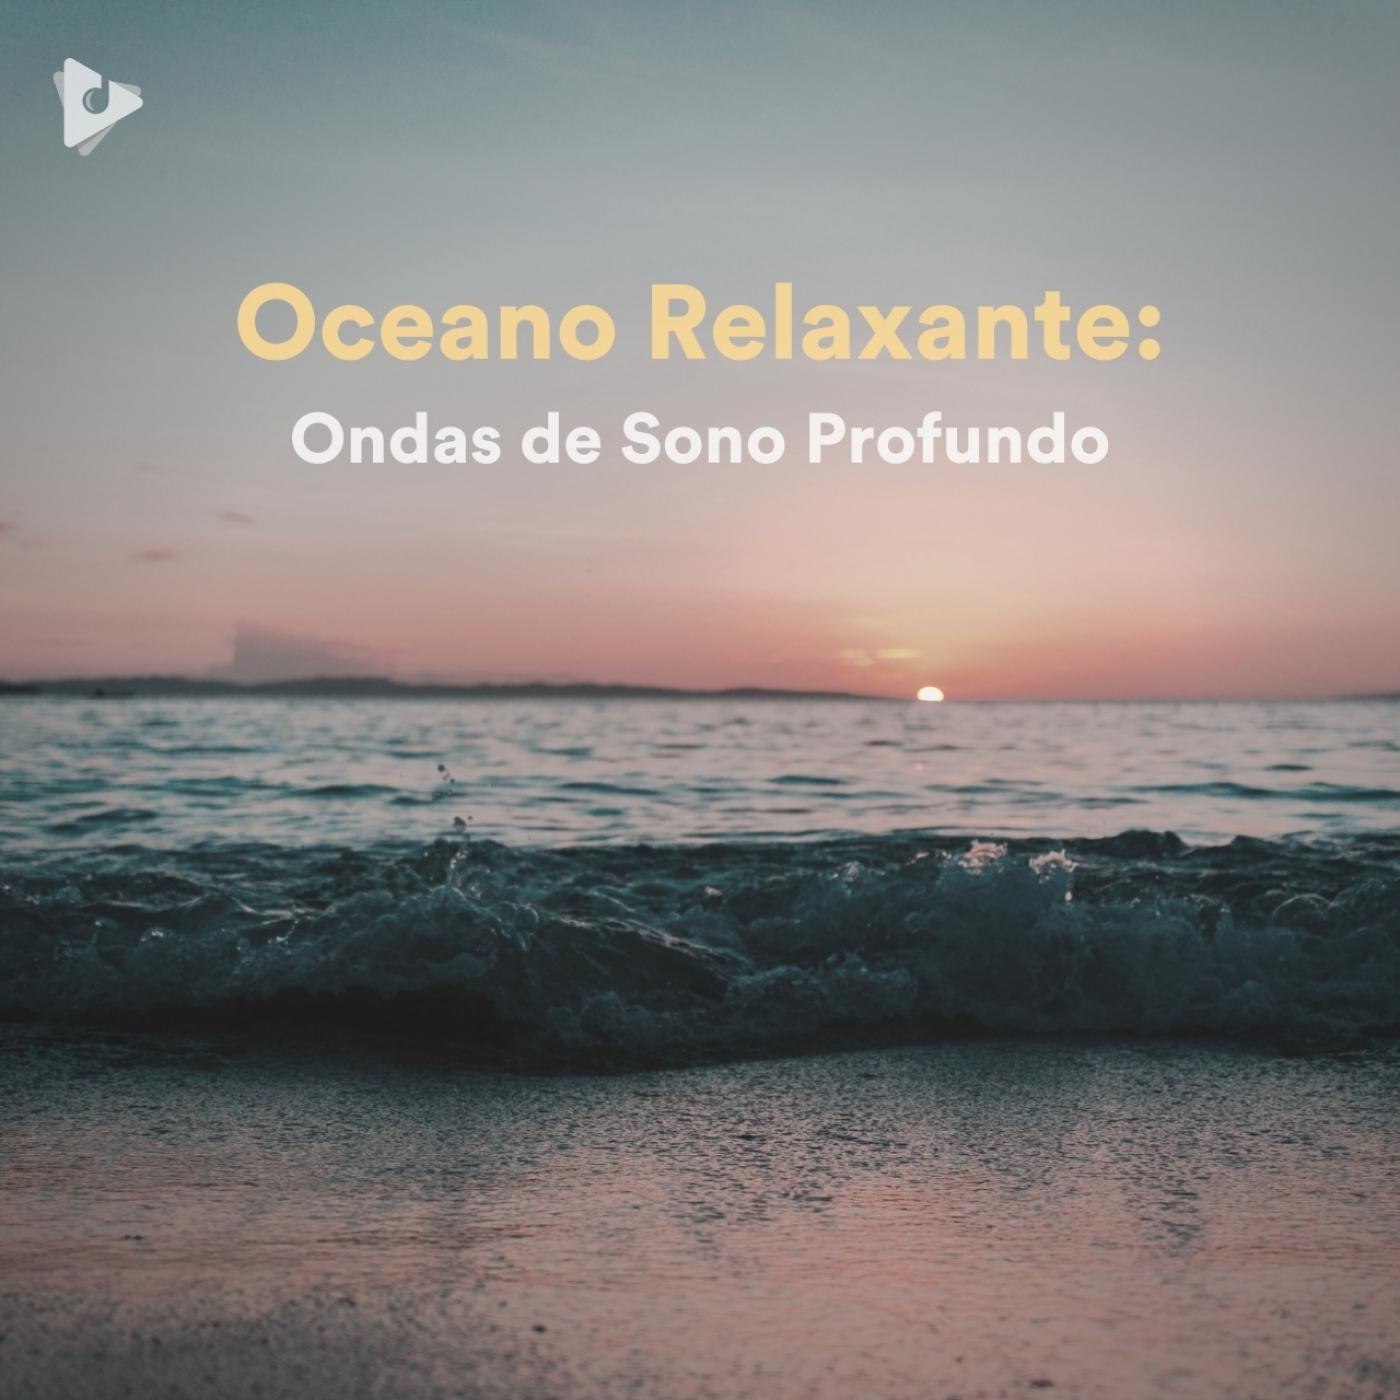 Oceano Relaxante: Ondas de Sono Profundo